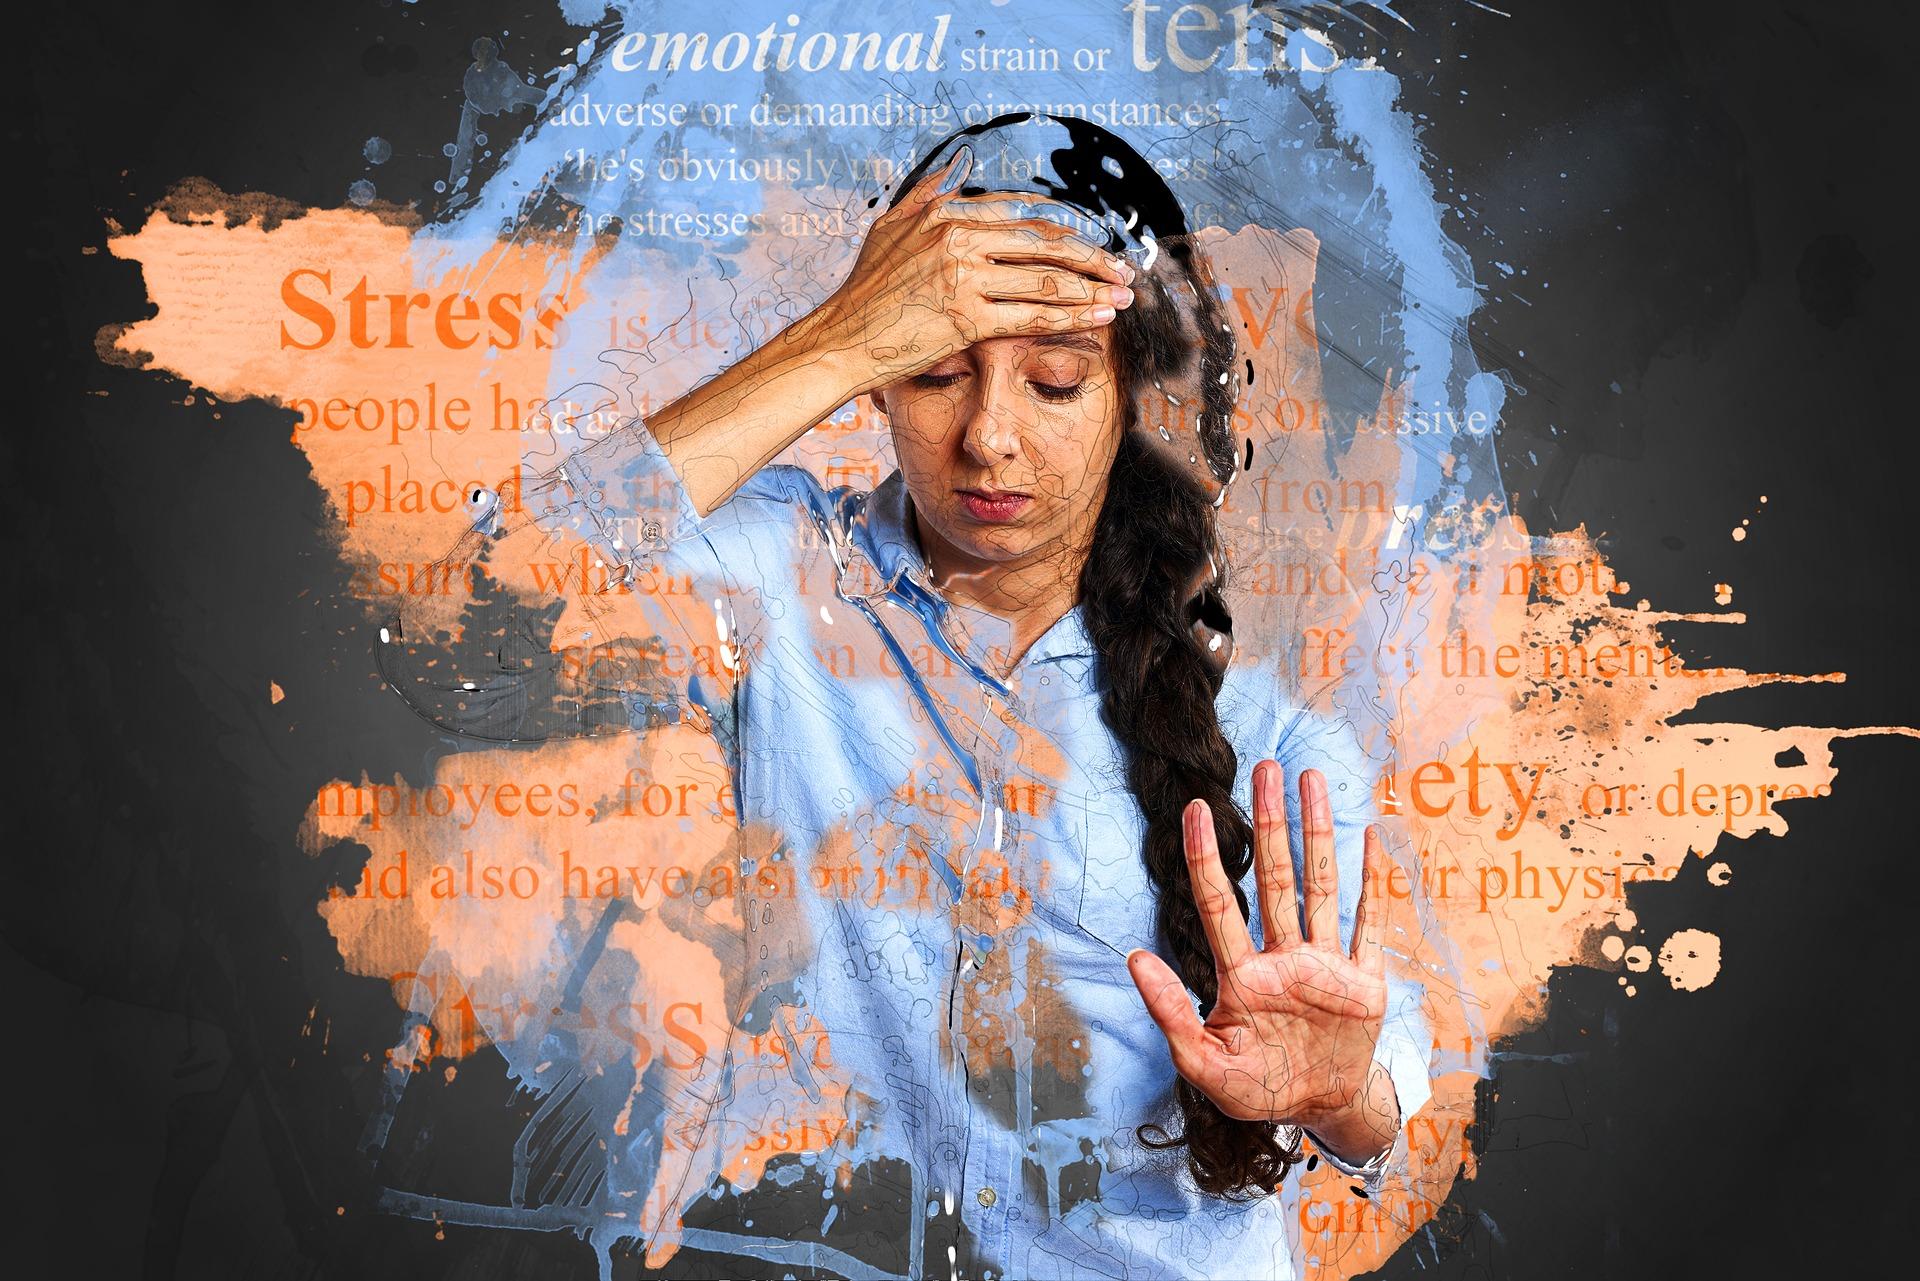 コロナ×テレワークでストレス?家族と自分との向き合い方とは?対処方法